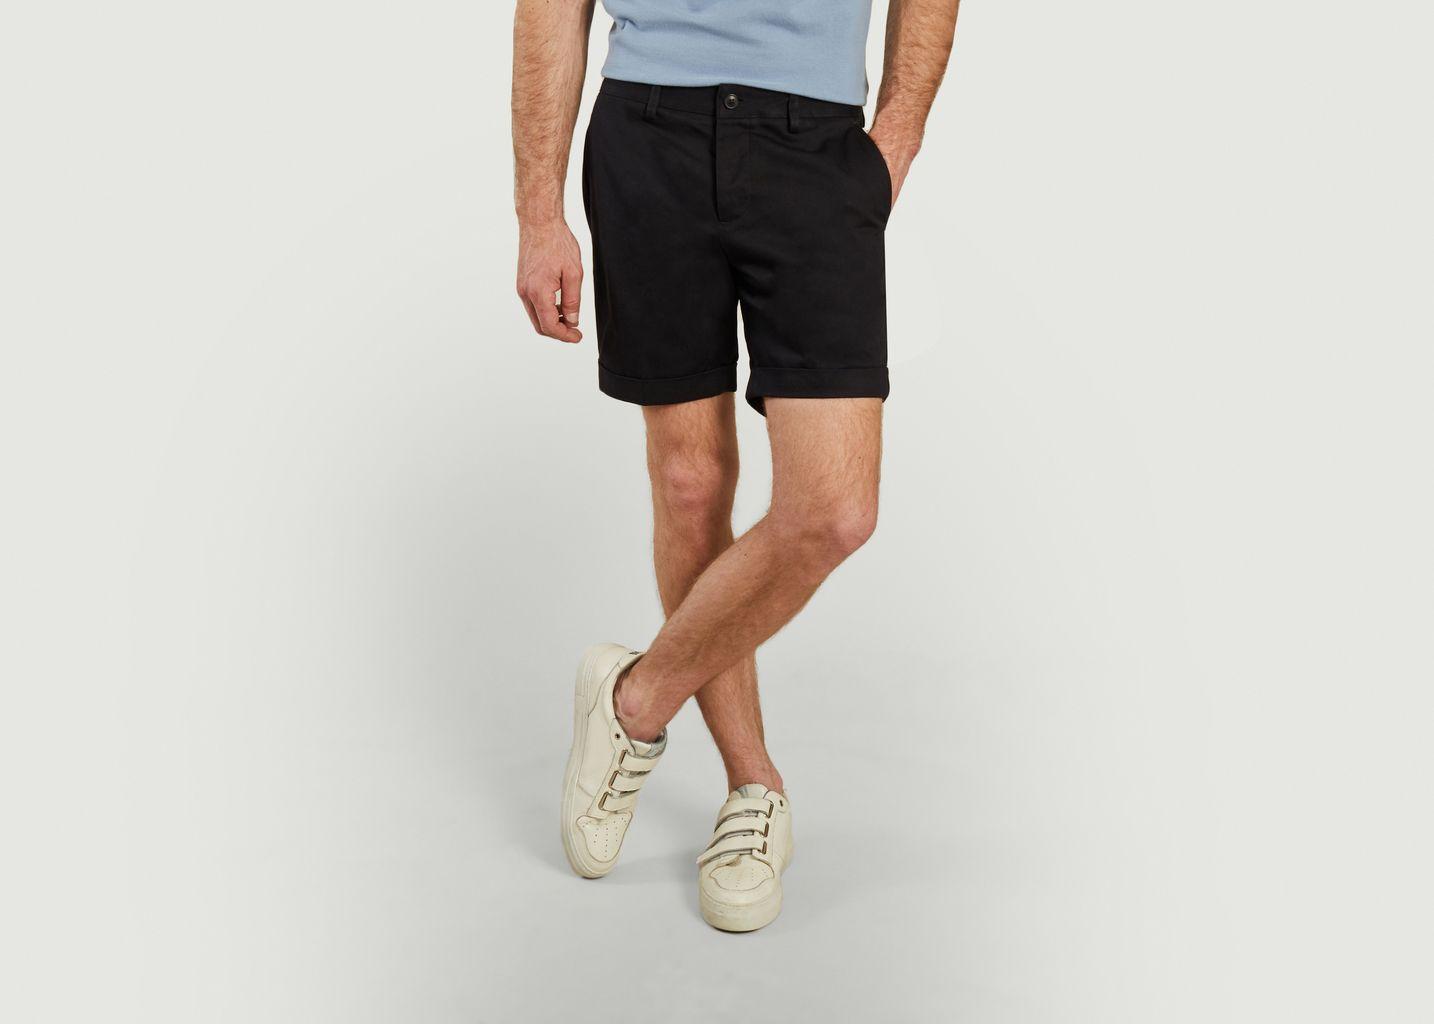 Chino Shorts - AMI Paris